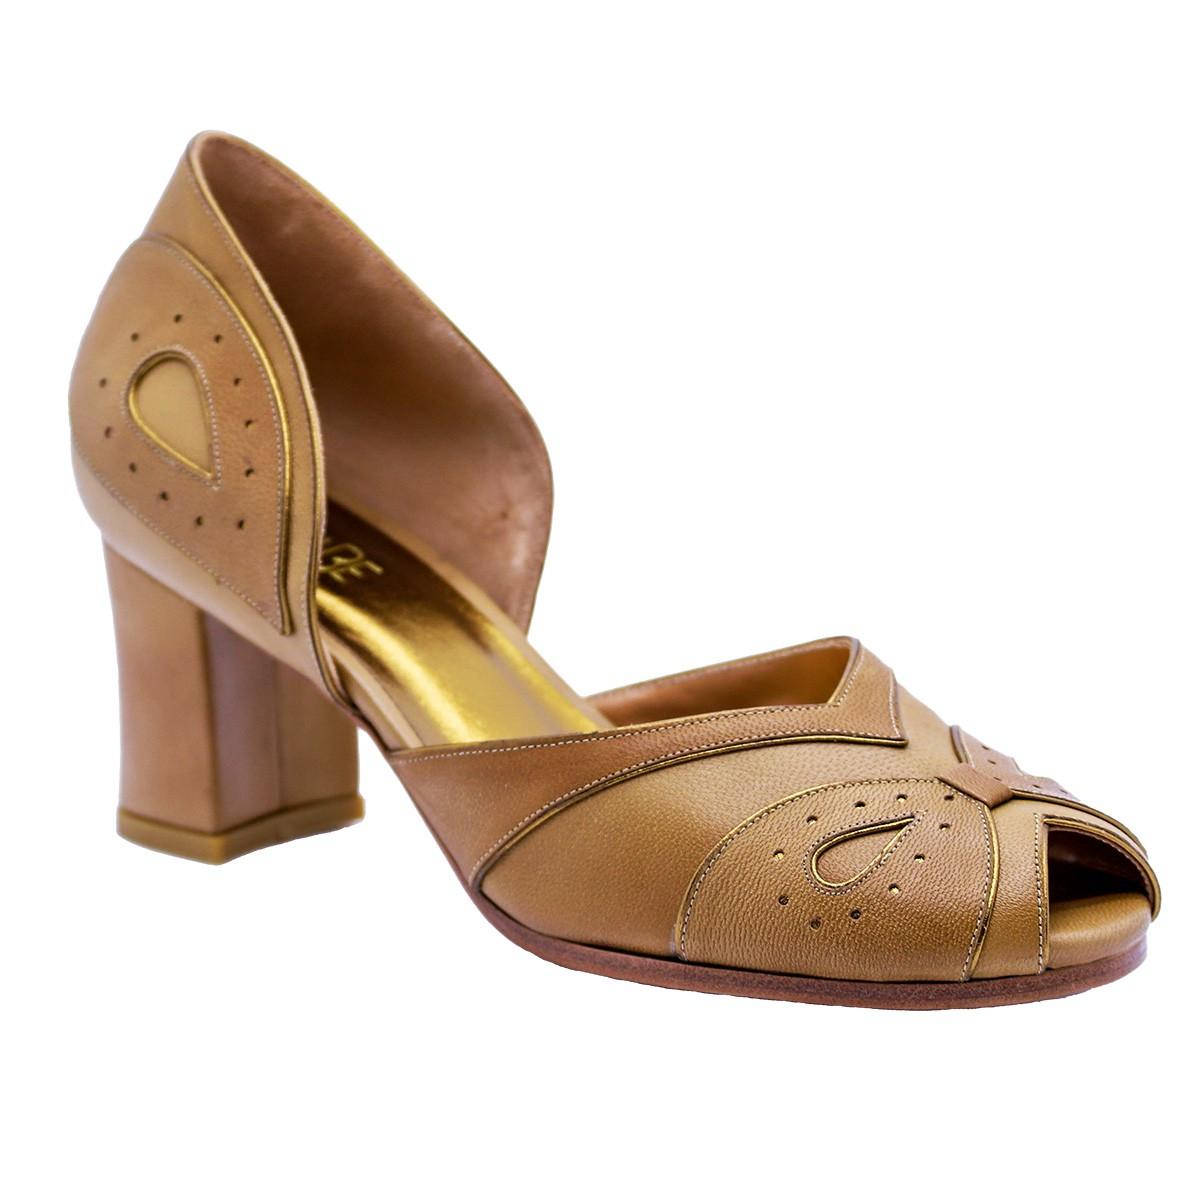 Sapato Renata Pelica Caramelo 6 cm